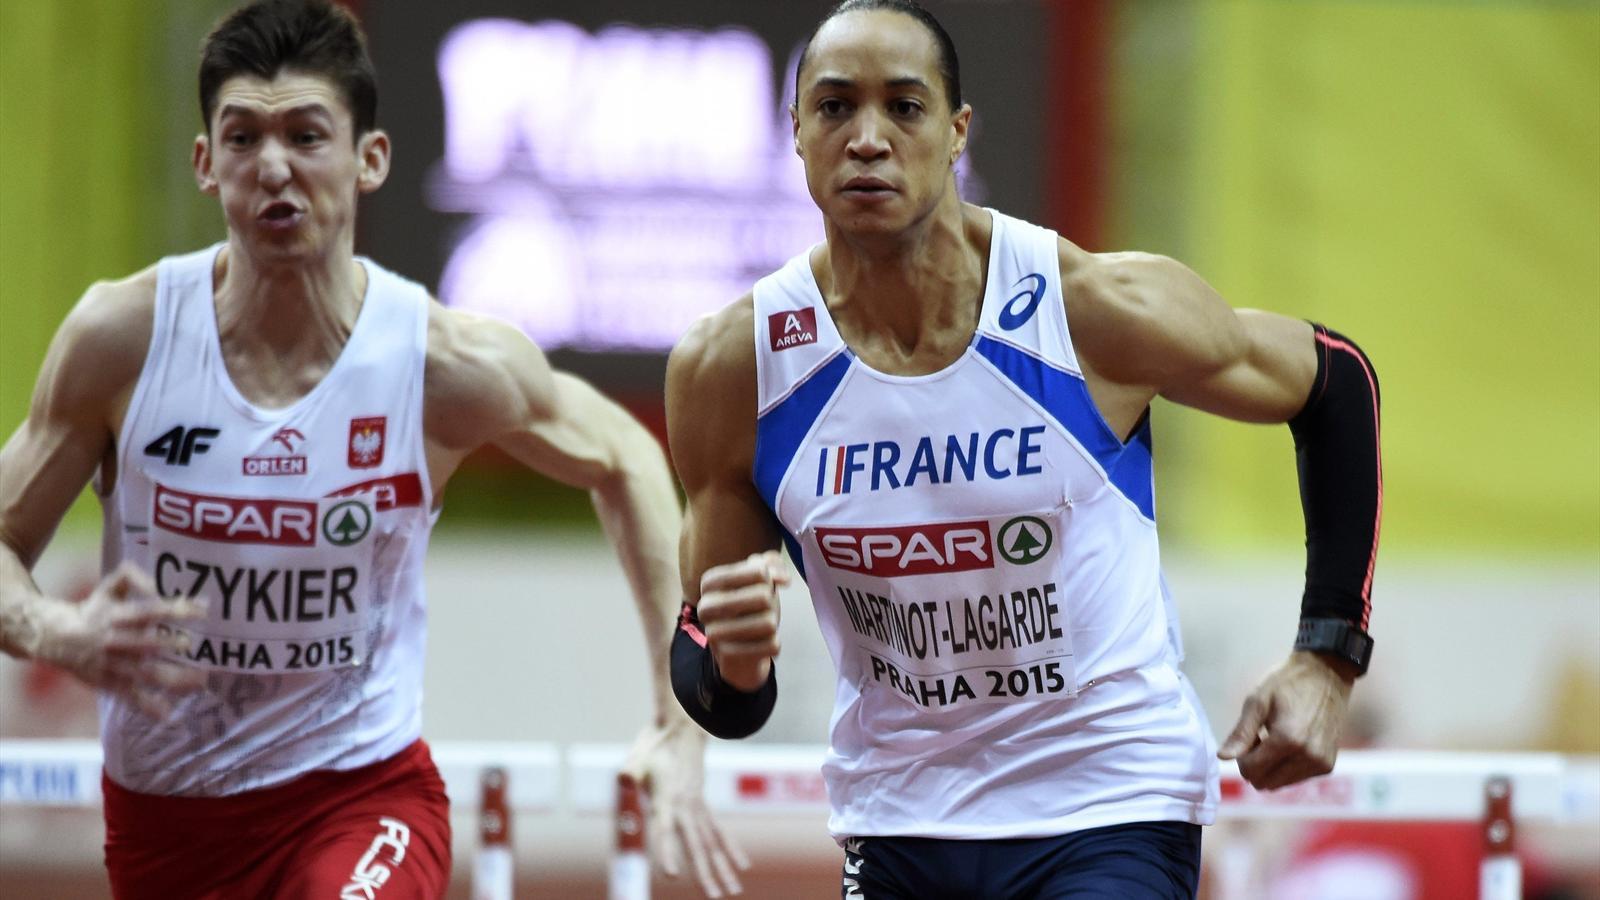 Паскаль Мартино-Лагард завоевал золото на Чемпионате Европы в забеге на 60 м с барьерами + Видео